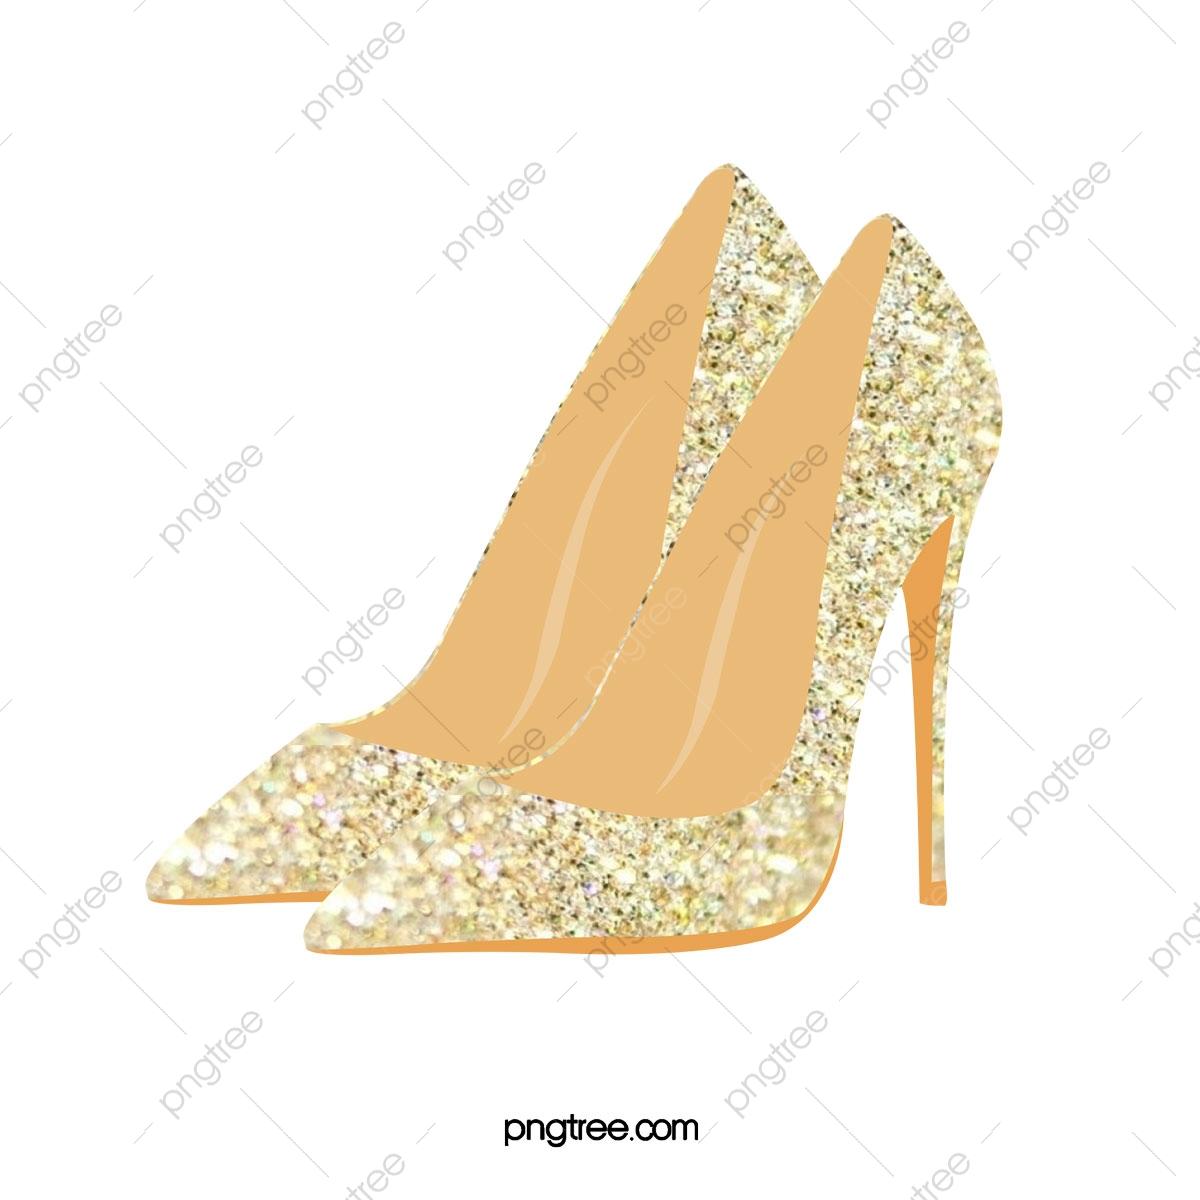 Gold high heeled shoes. Heels clipart golden shoe